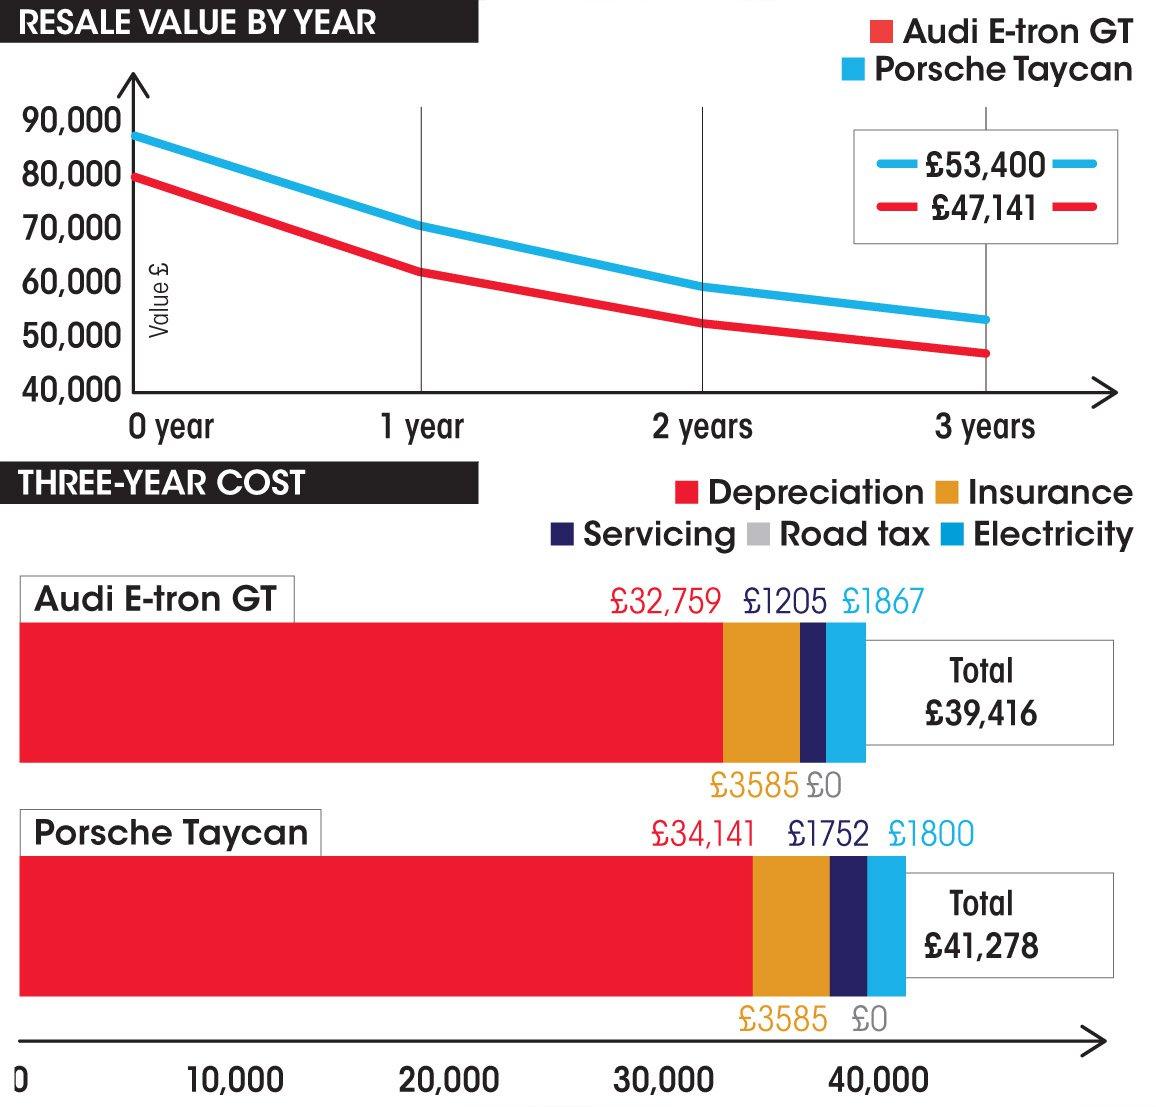 Audi E-tron GT vs Porsche Taycan costs